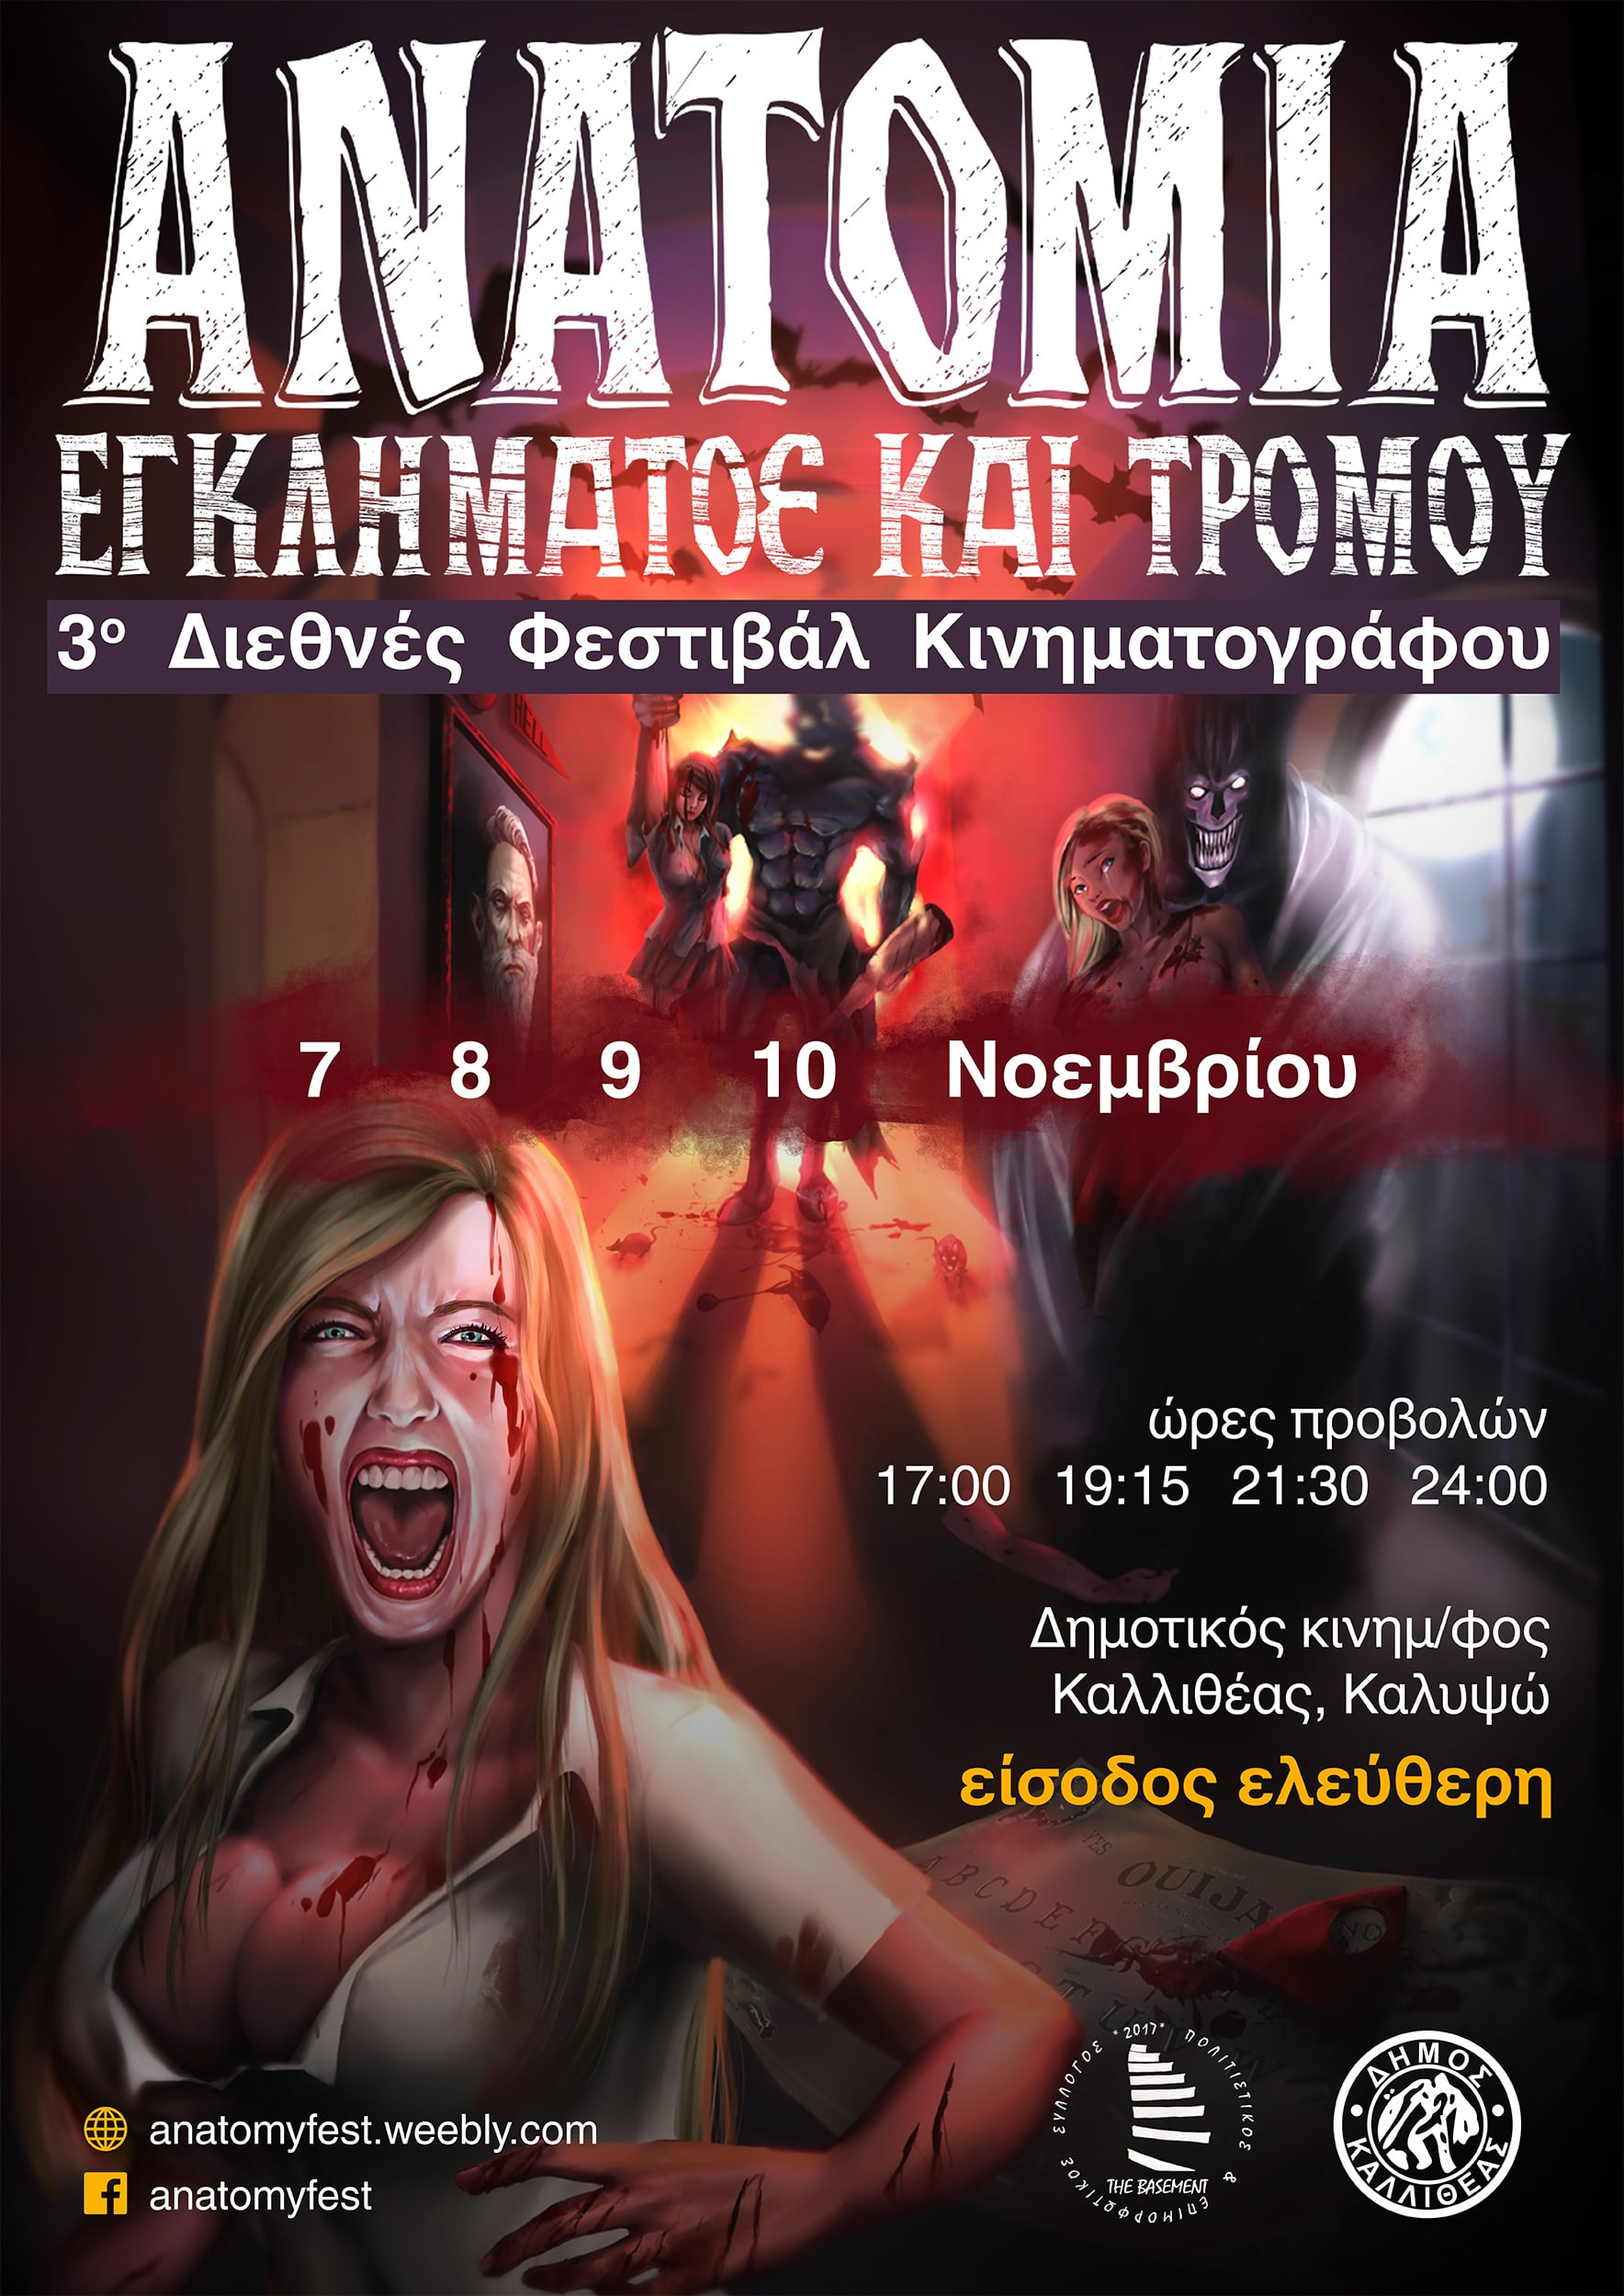 αφίσα ανατομίας, εγκλήματος και τρόμου 2019